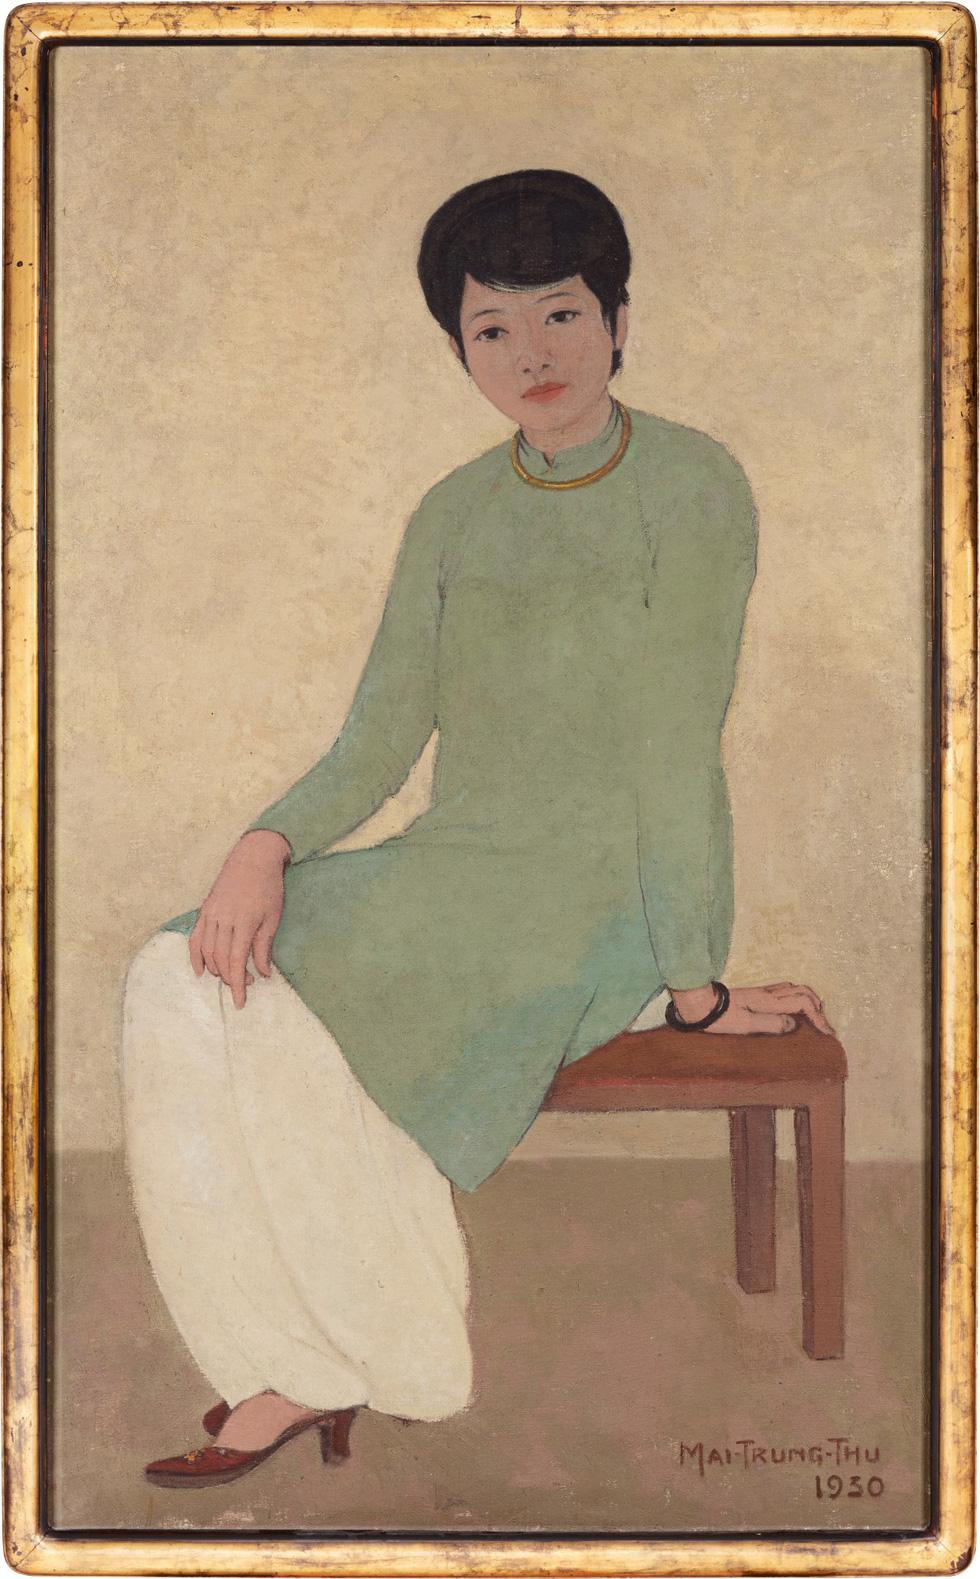 Bộ sưu tập giá 230 tỉ đồng của mỹ thuật Việt - Ảnh 7.